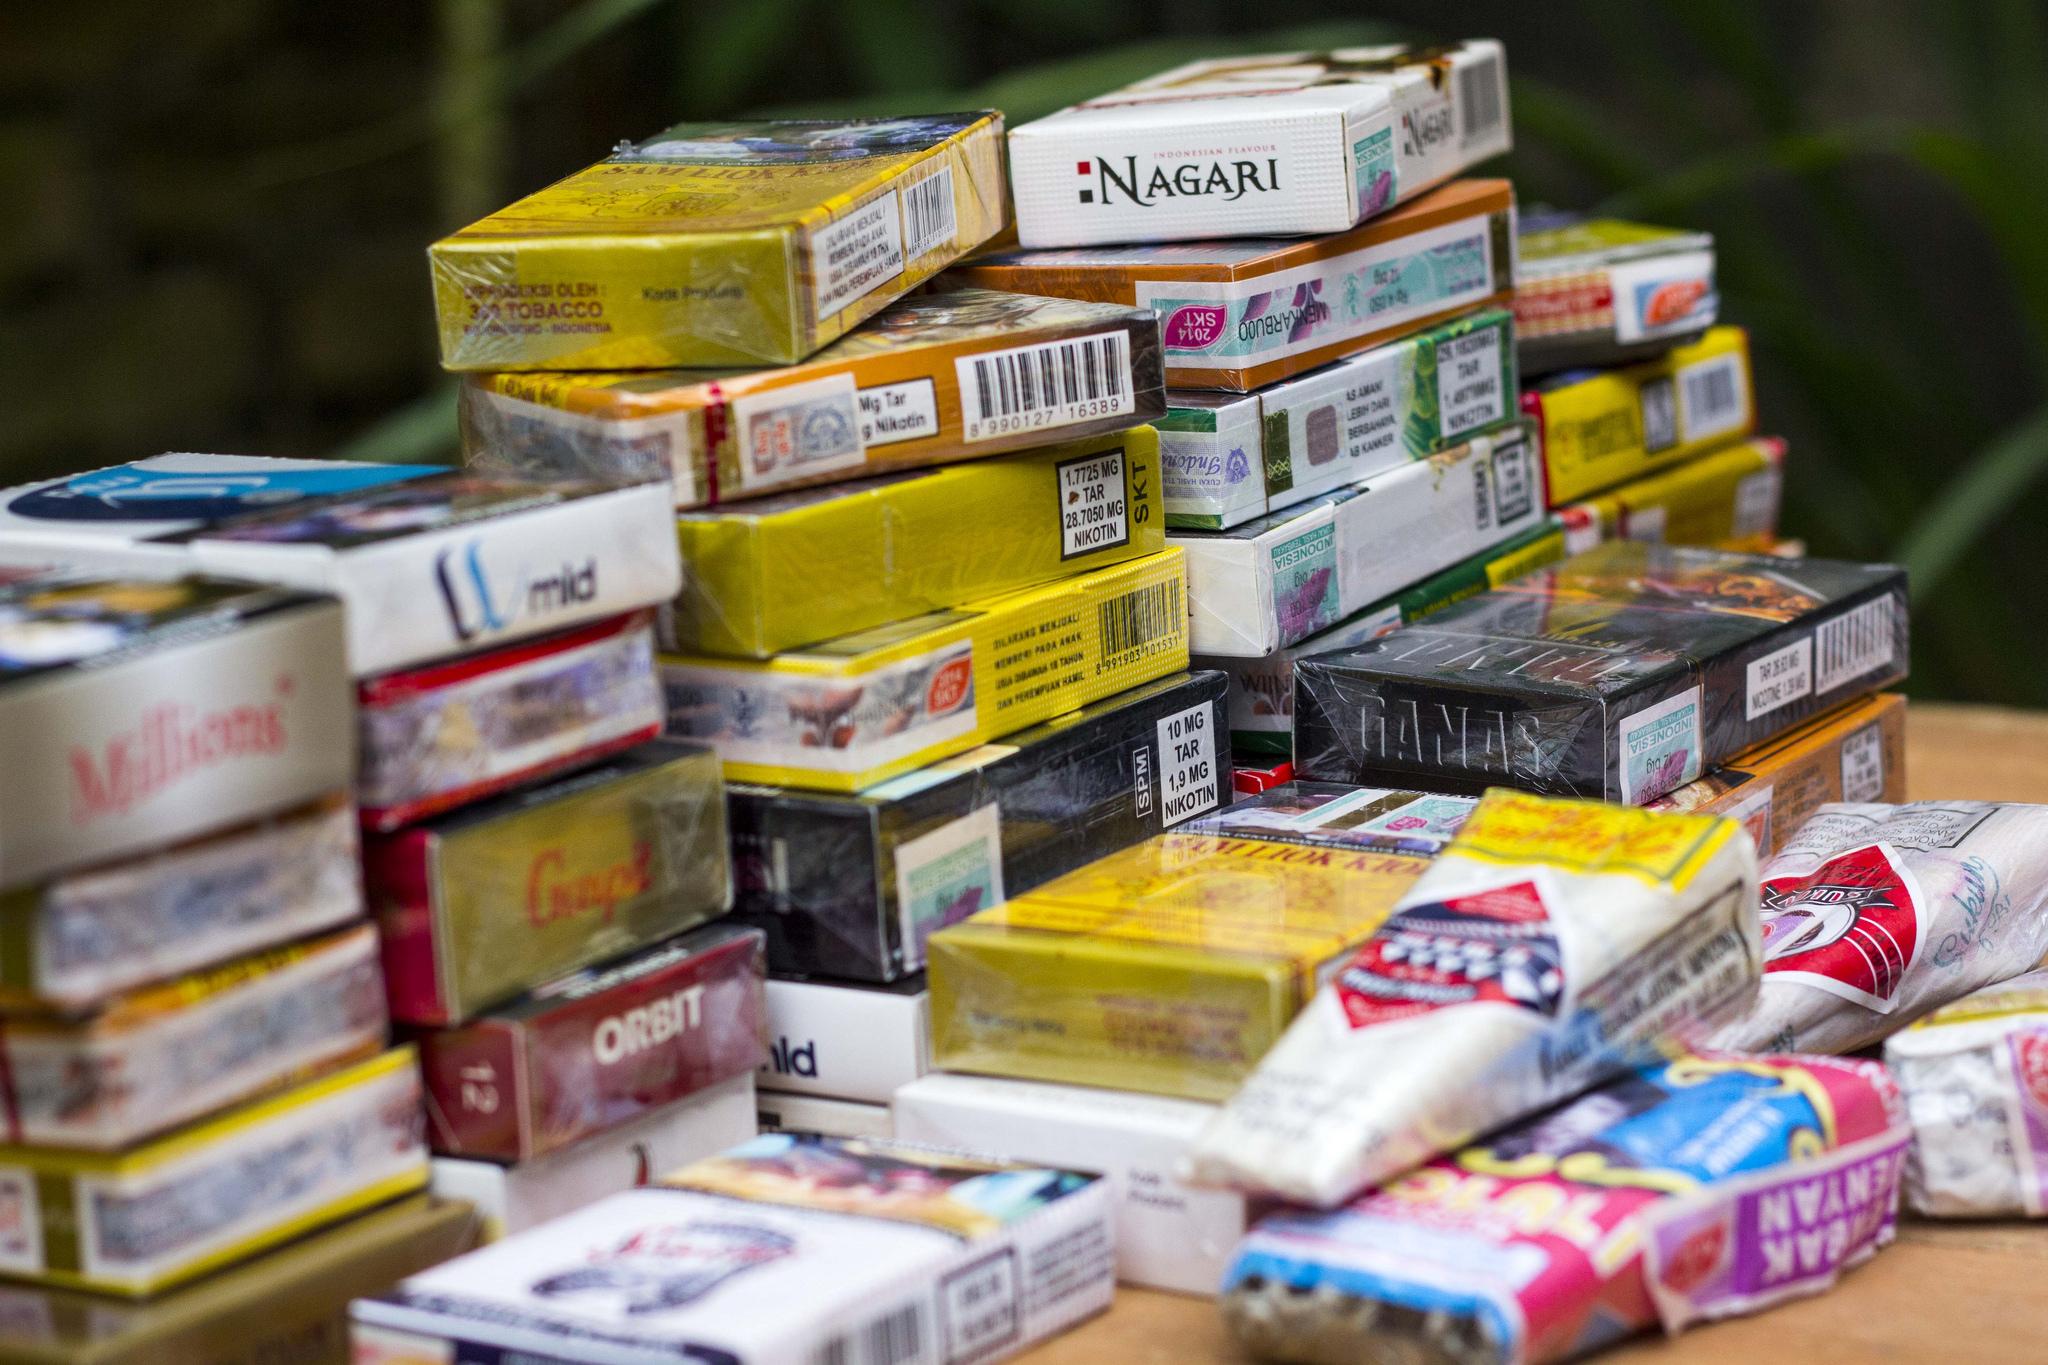 Ketetapan Hukum Rokok dalam Fatwa NU: Mubah (Boleh)